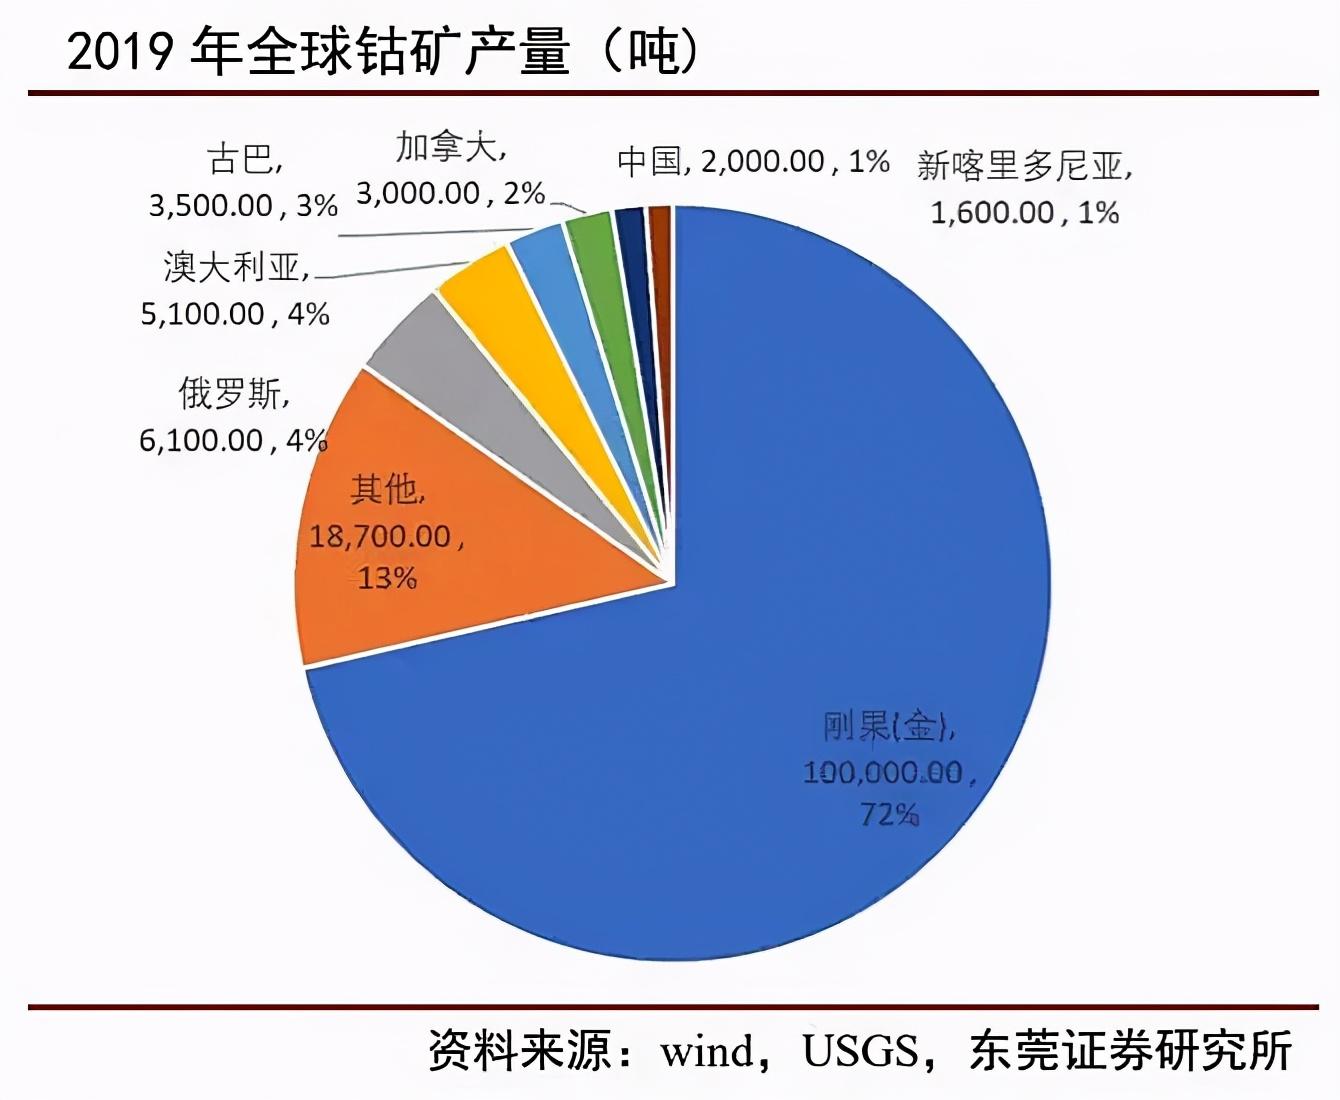 每吨35万!宁德时代、特斯拉都在抢这种资源,中国很稀缺